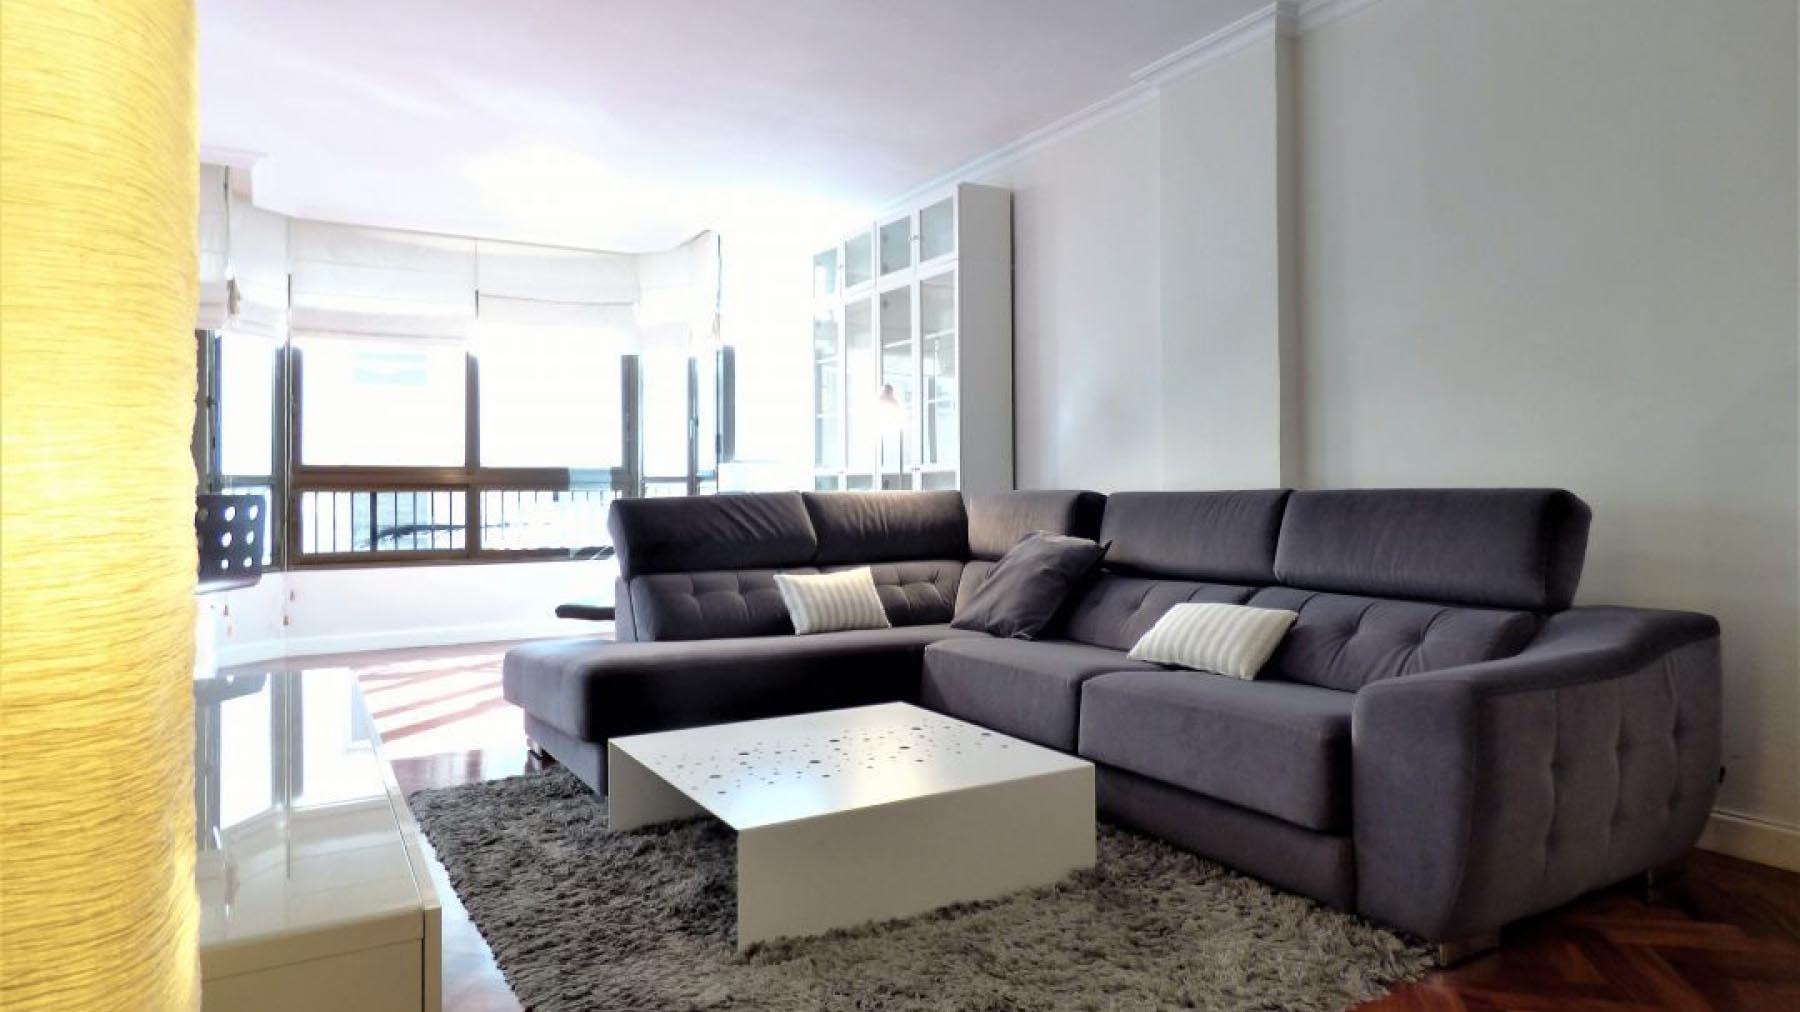 Аренда квартира в Испании 3 спальни в центре города Аликанте c паркингом